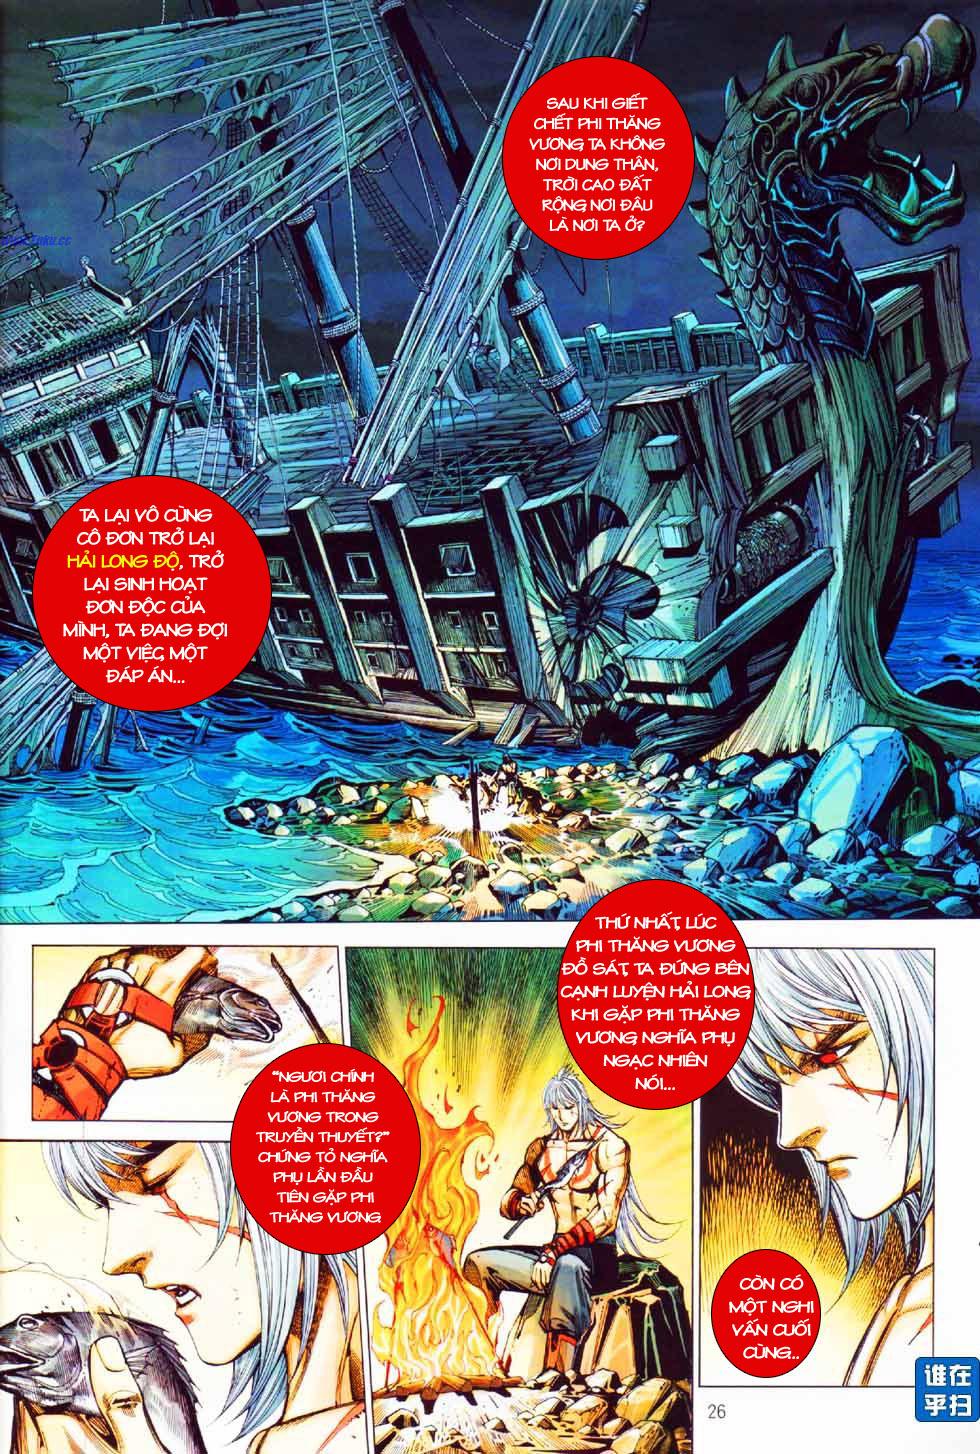 Thiên Hạ Vô Địch Kiếm Tà Thần chap 8 end trang 25